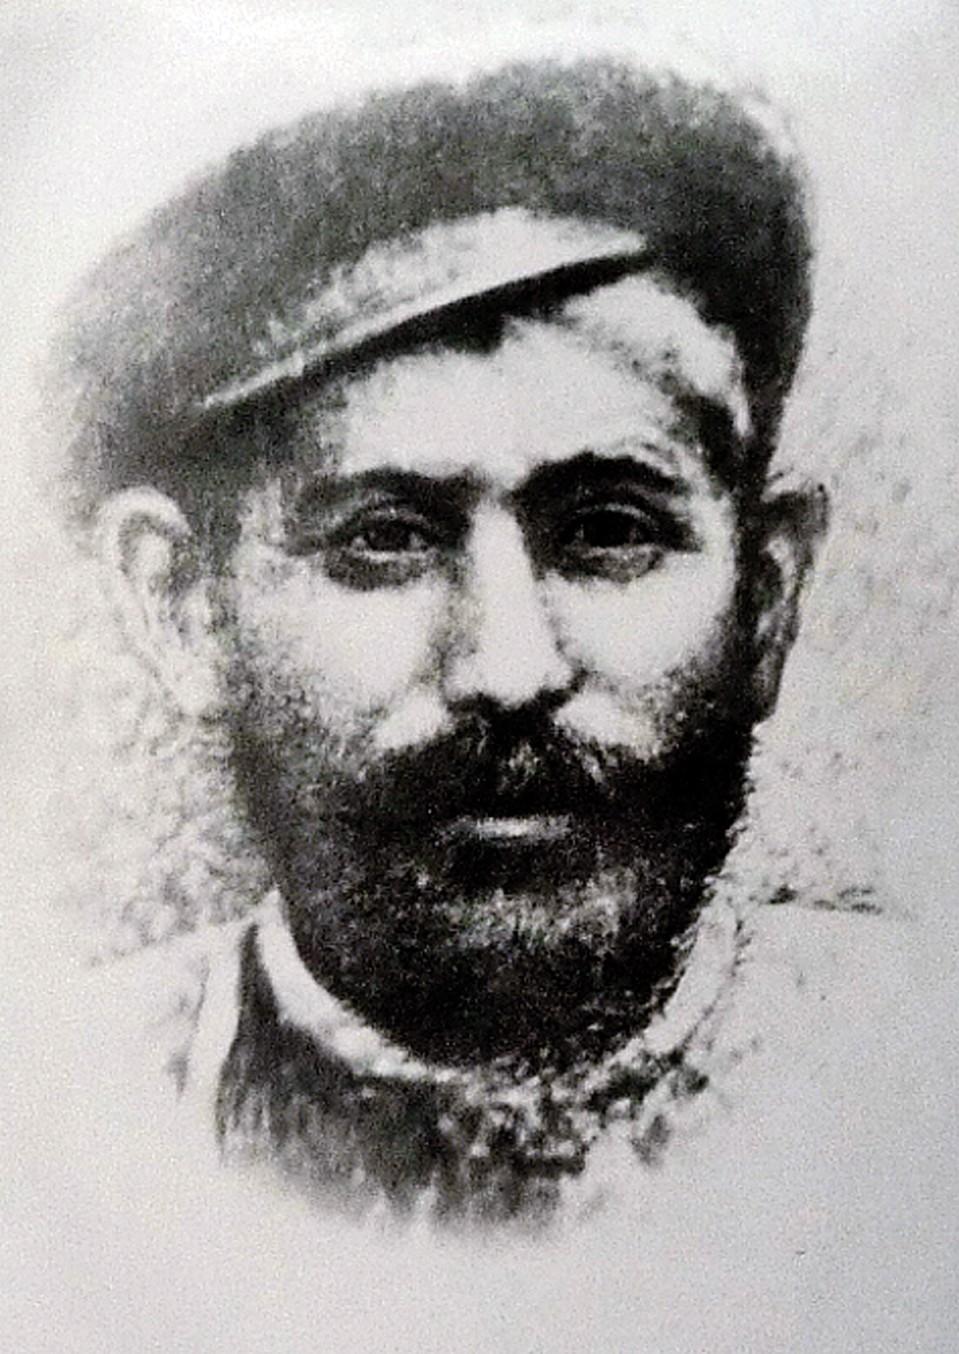 Отец будущего генералиссимуса был изгнан из родного селения. Фото: ru.wikipedia.org